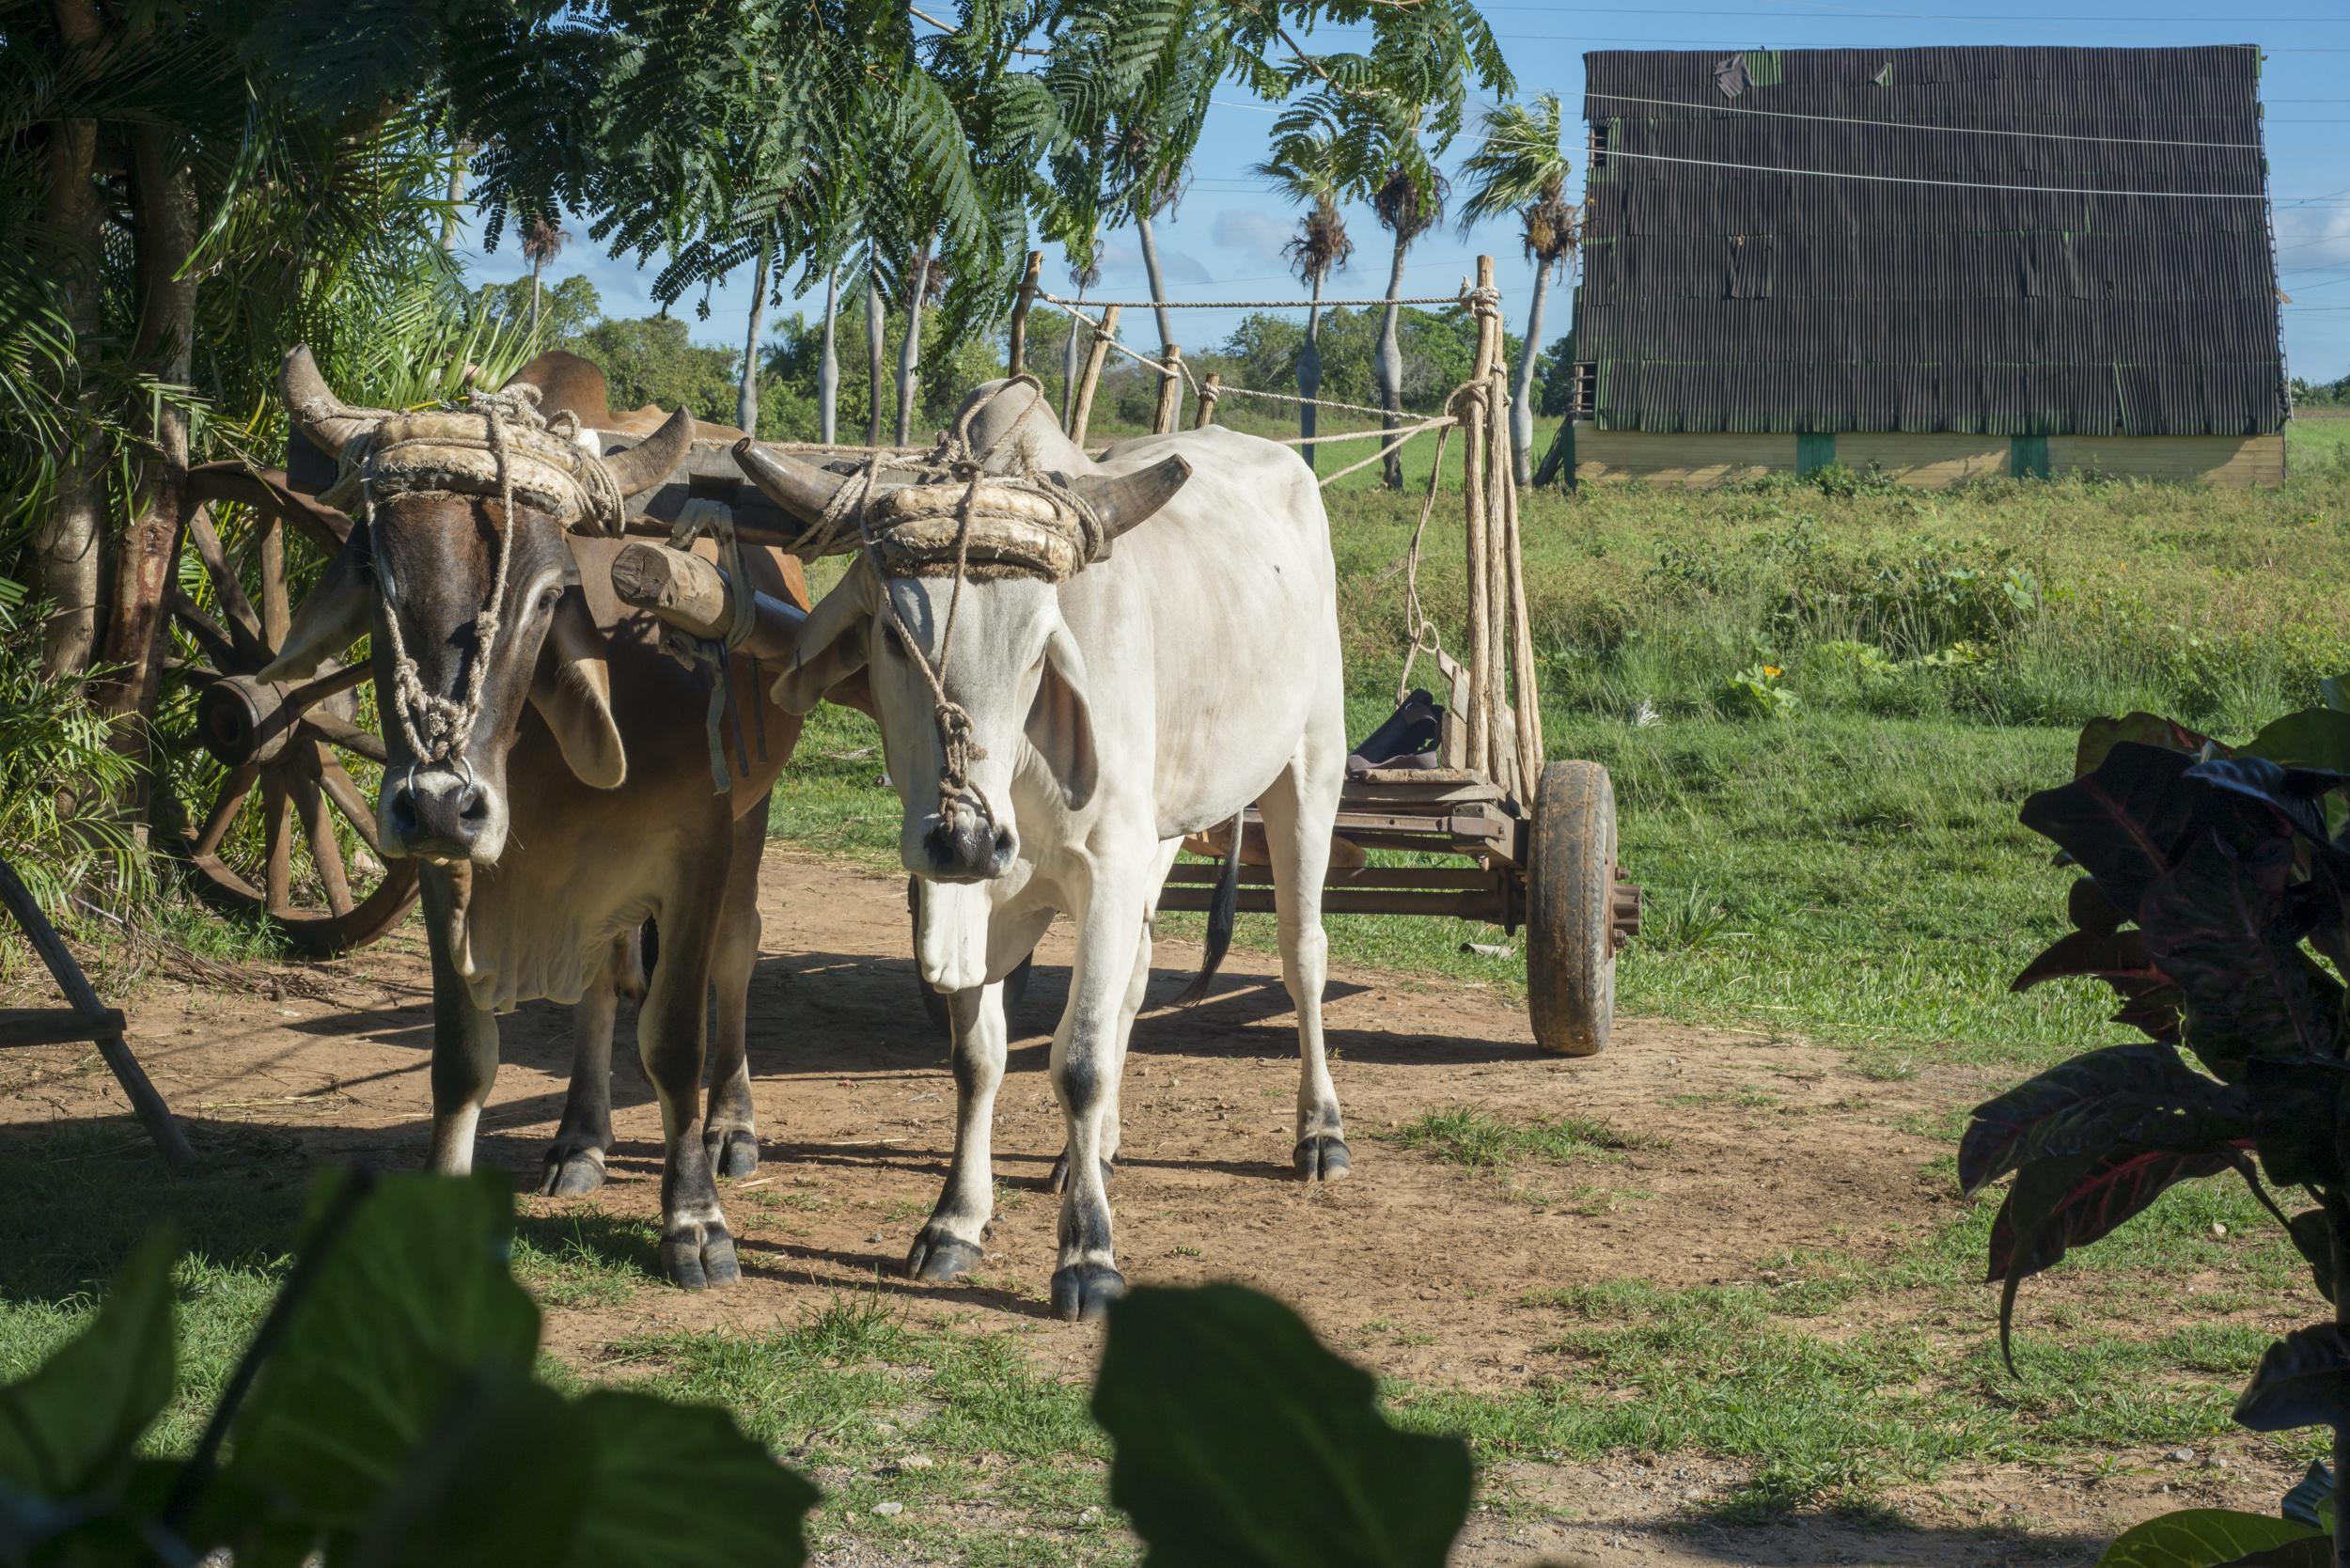 Cuba-6271.jpg